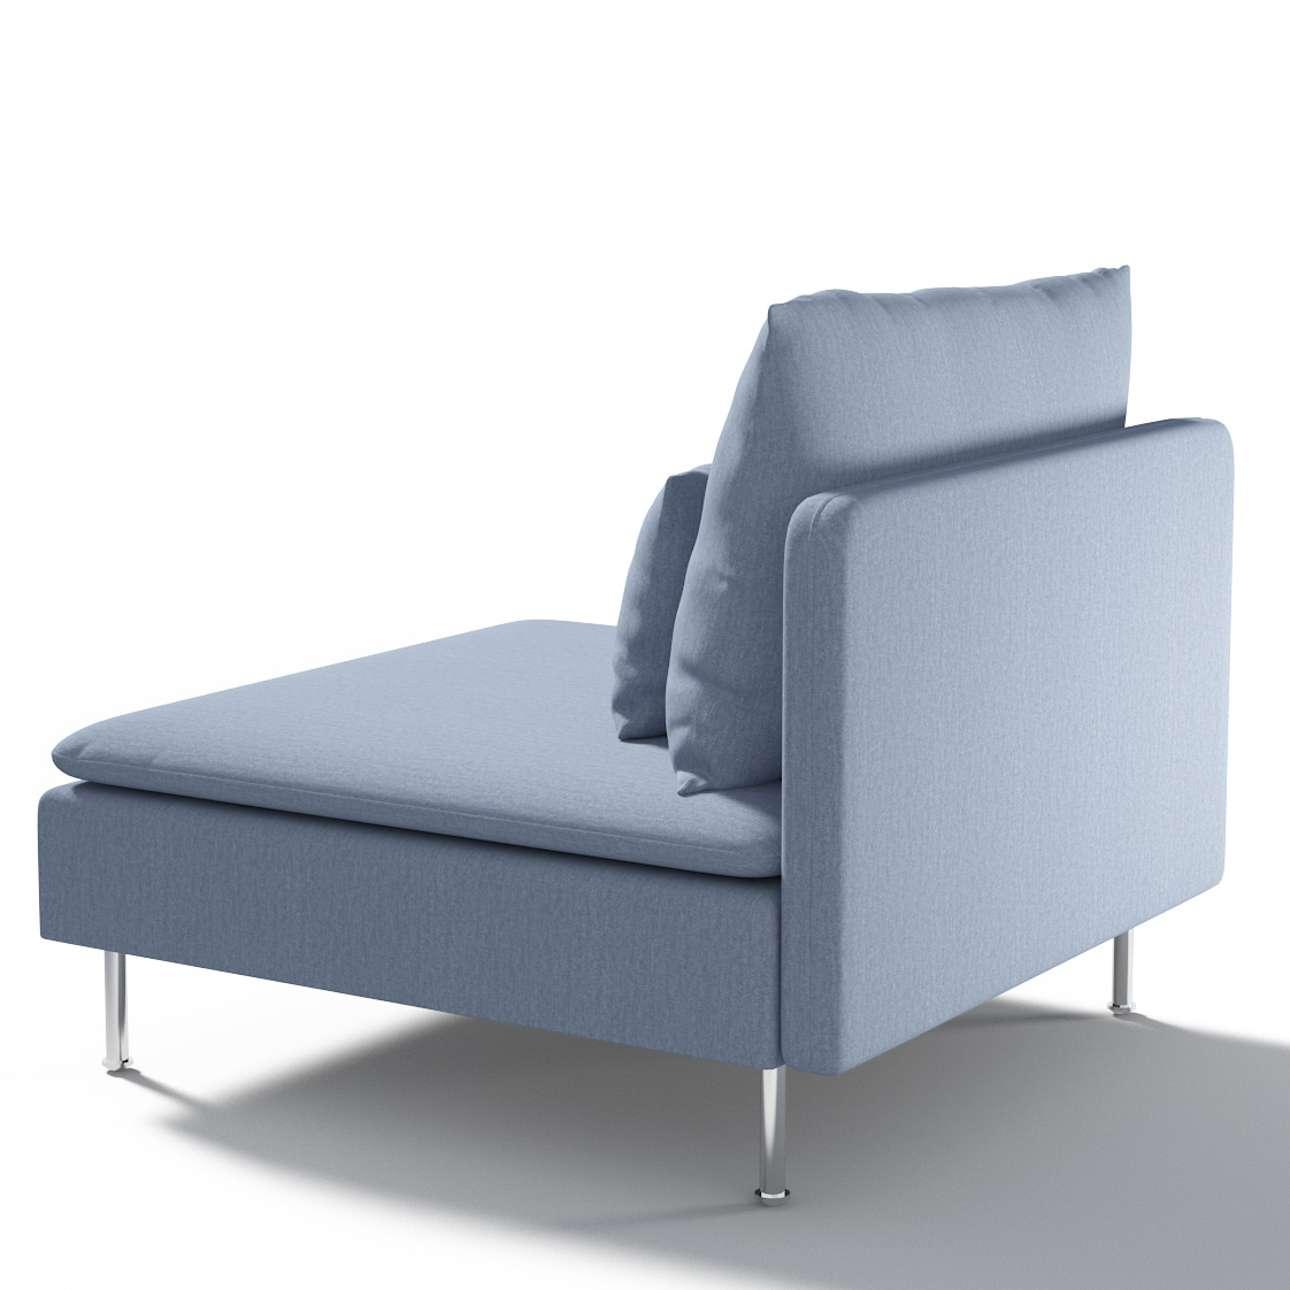 Söderhamn Bezug für Sitzelement 1 Sitzelement 1 von der Kollektion Chenille , Stoff: 702-13